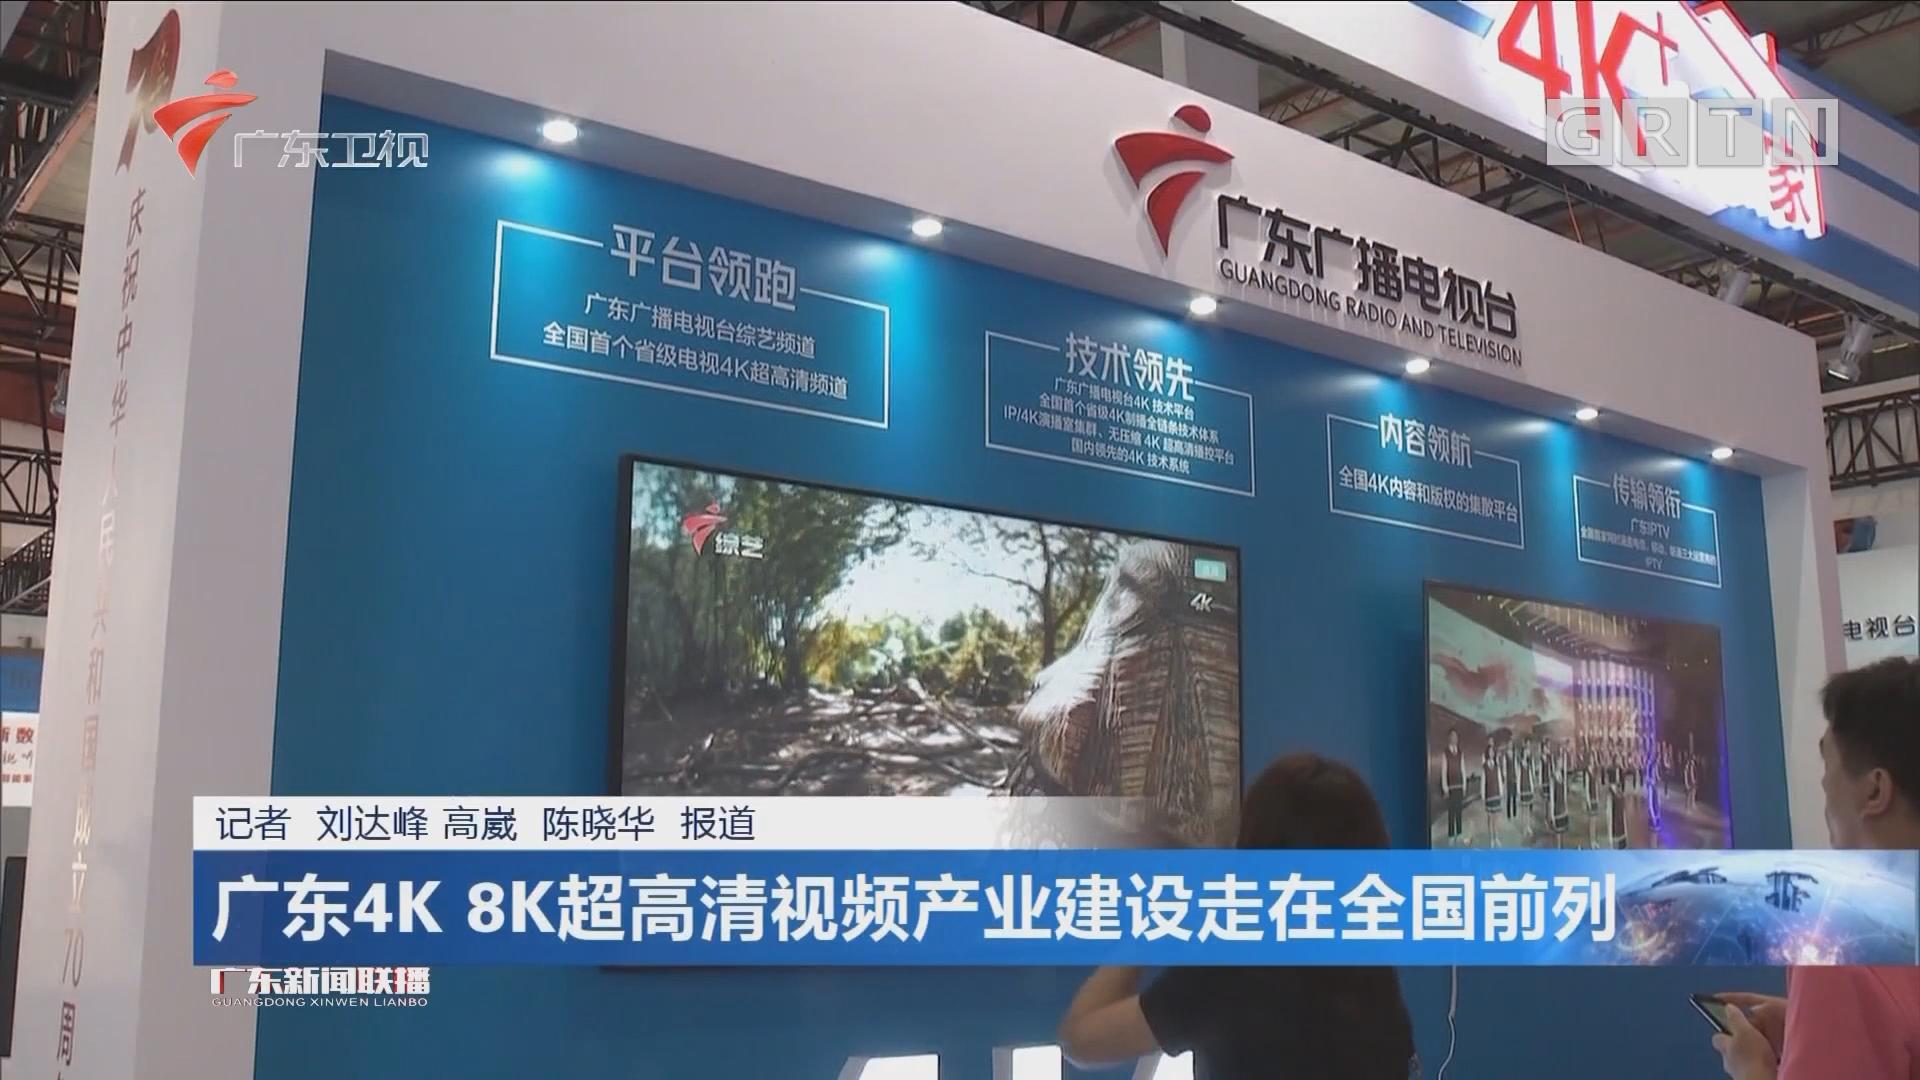 广东4K 8K超高清视频产业建设走在全国前列